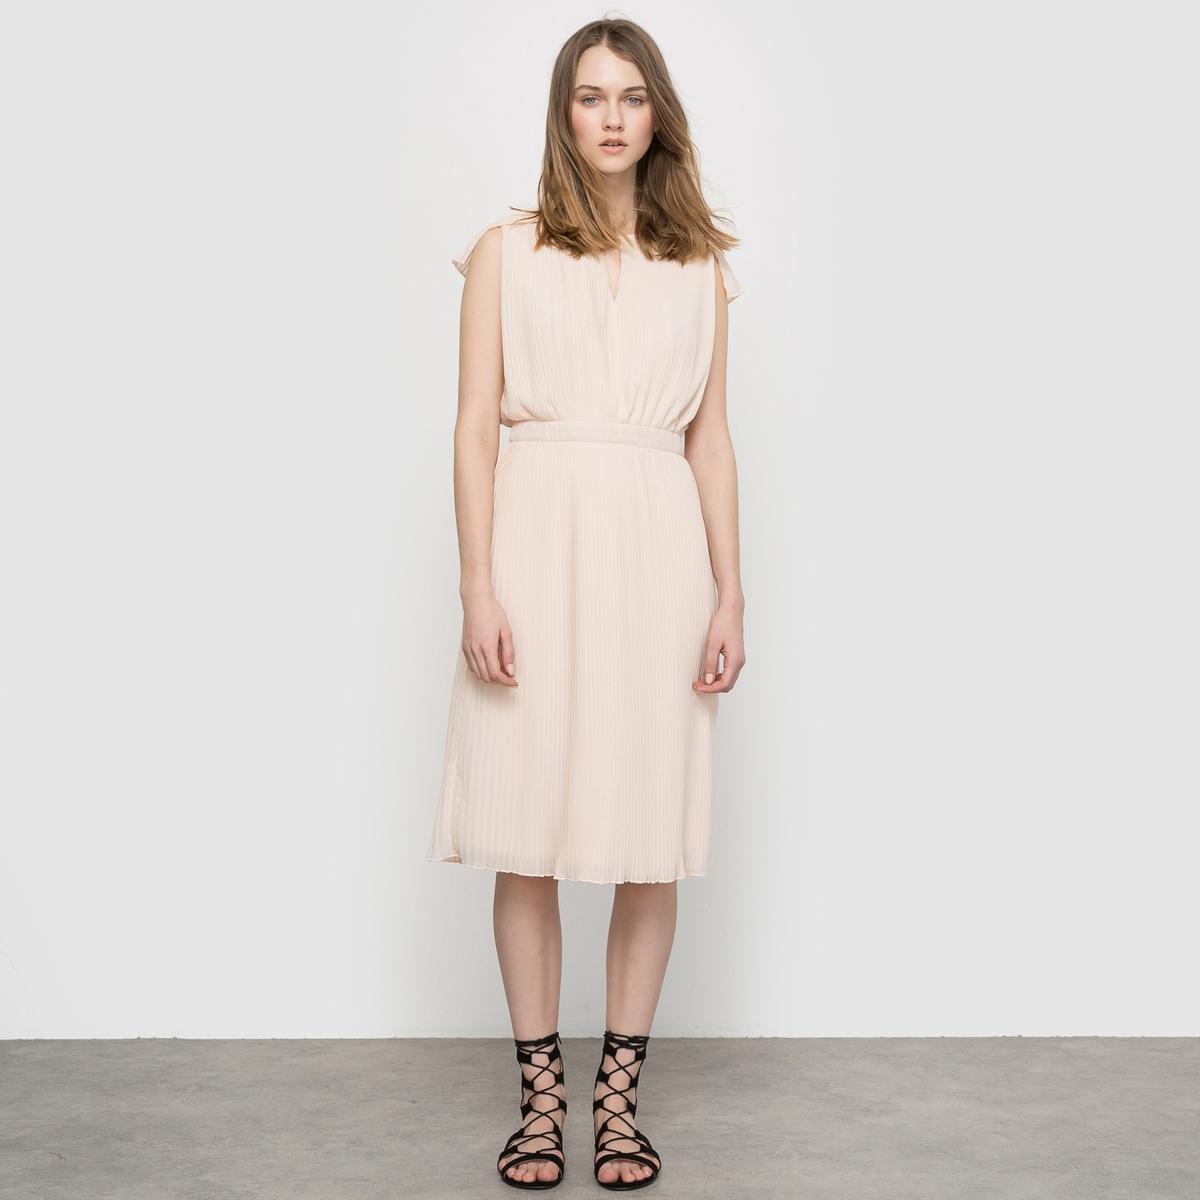 Платье со складкамиПлатье плиссированное без рукавов из лёгкой и струящейся ткани. Подчёркнутая талия. Вырез с завязками спереди . Полностью плиссированная ткань.Состав и описаниеМатериал : 100% полиэстера, подкладка из 100% хлопкаДлина : 100 смМарка : MADEMOISELLE R<br><br>Цвет: розовый телесный<br>Размер: 48 (FR) - 54 (RUS).44 (FR) - 50 (RUS)